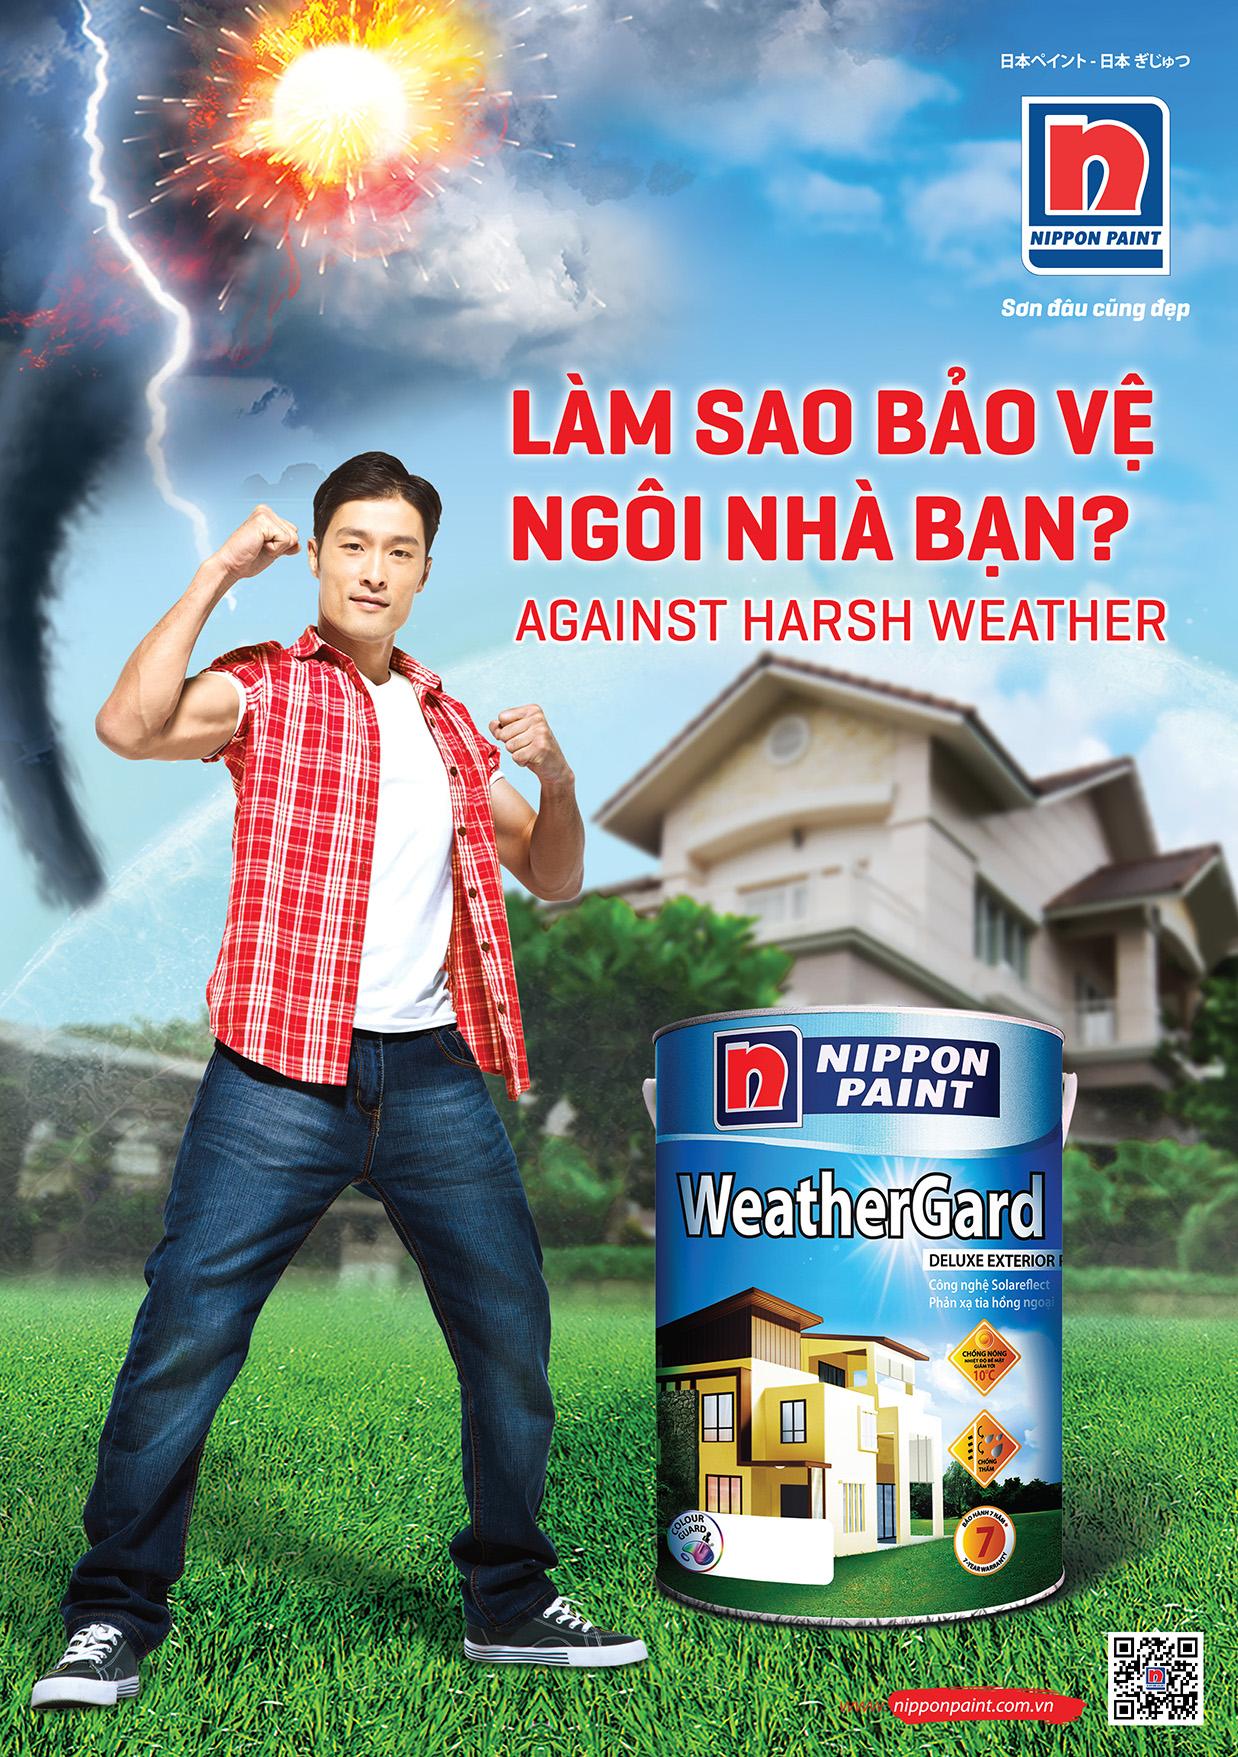 son ngoai that weathergard